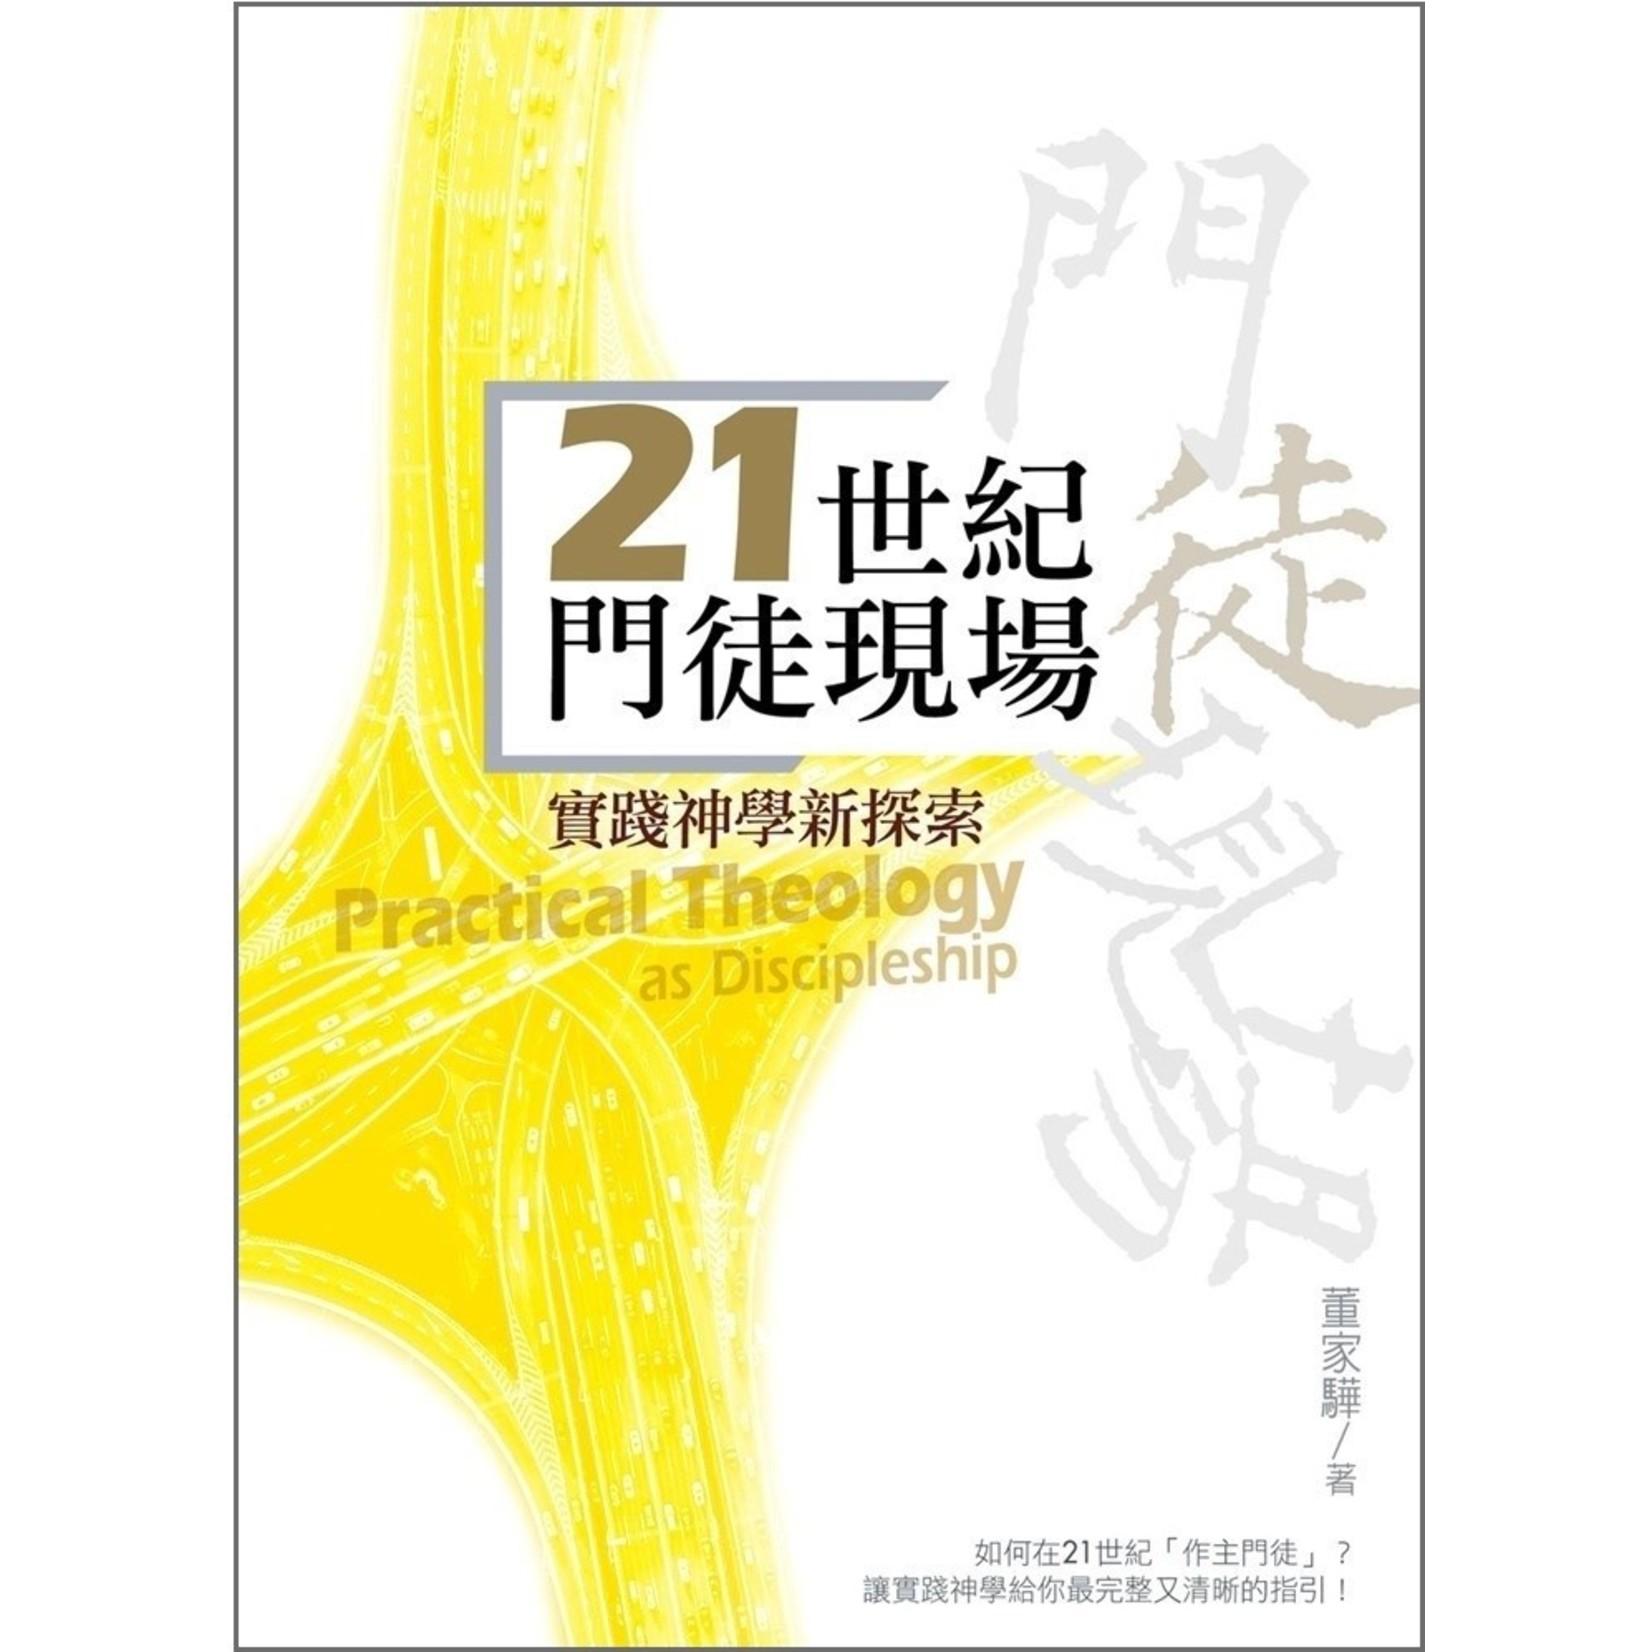 校園書房 Campus Books 21世紀門徒現場:實踐神學新探索 Practical Theology as Discipleship